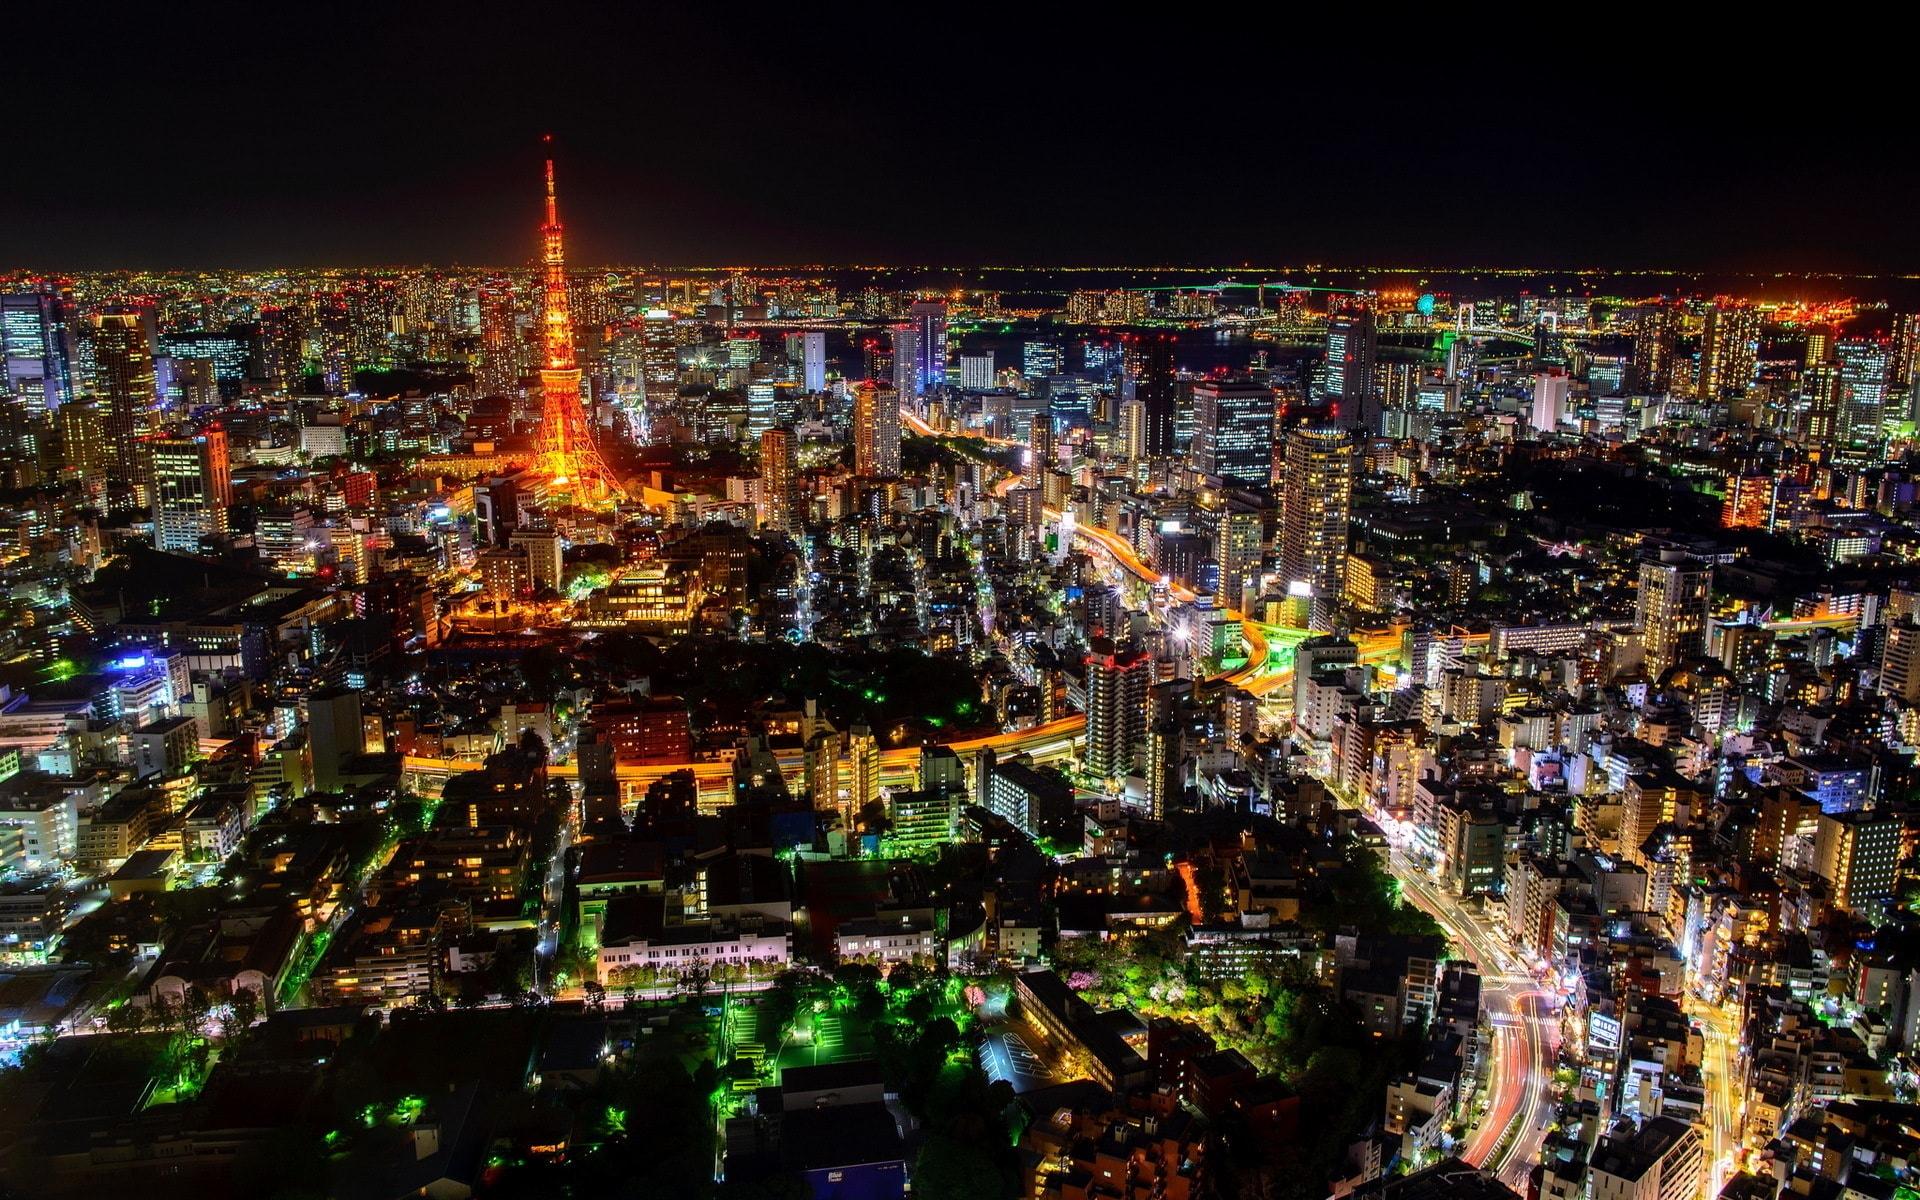 Tokyo widescreen wallpapers